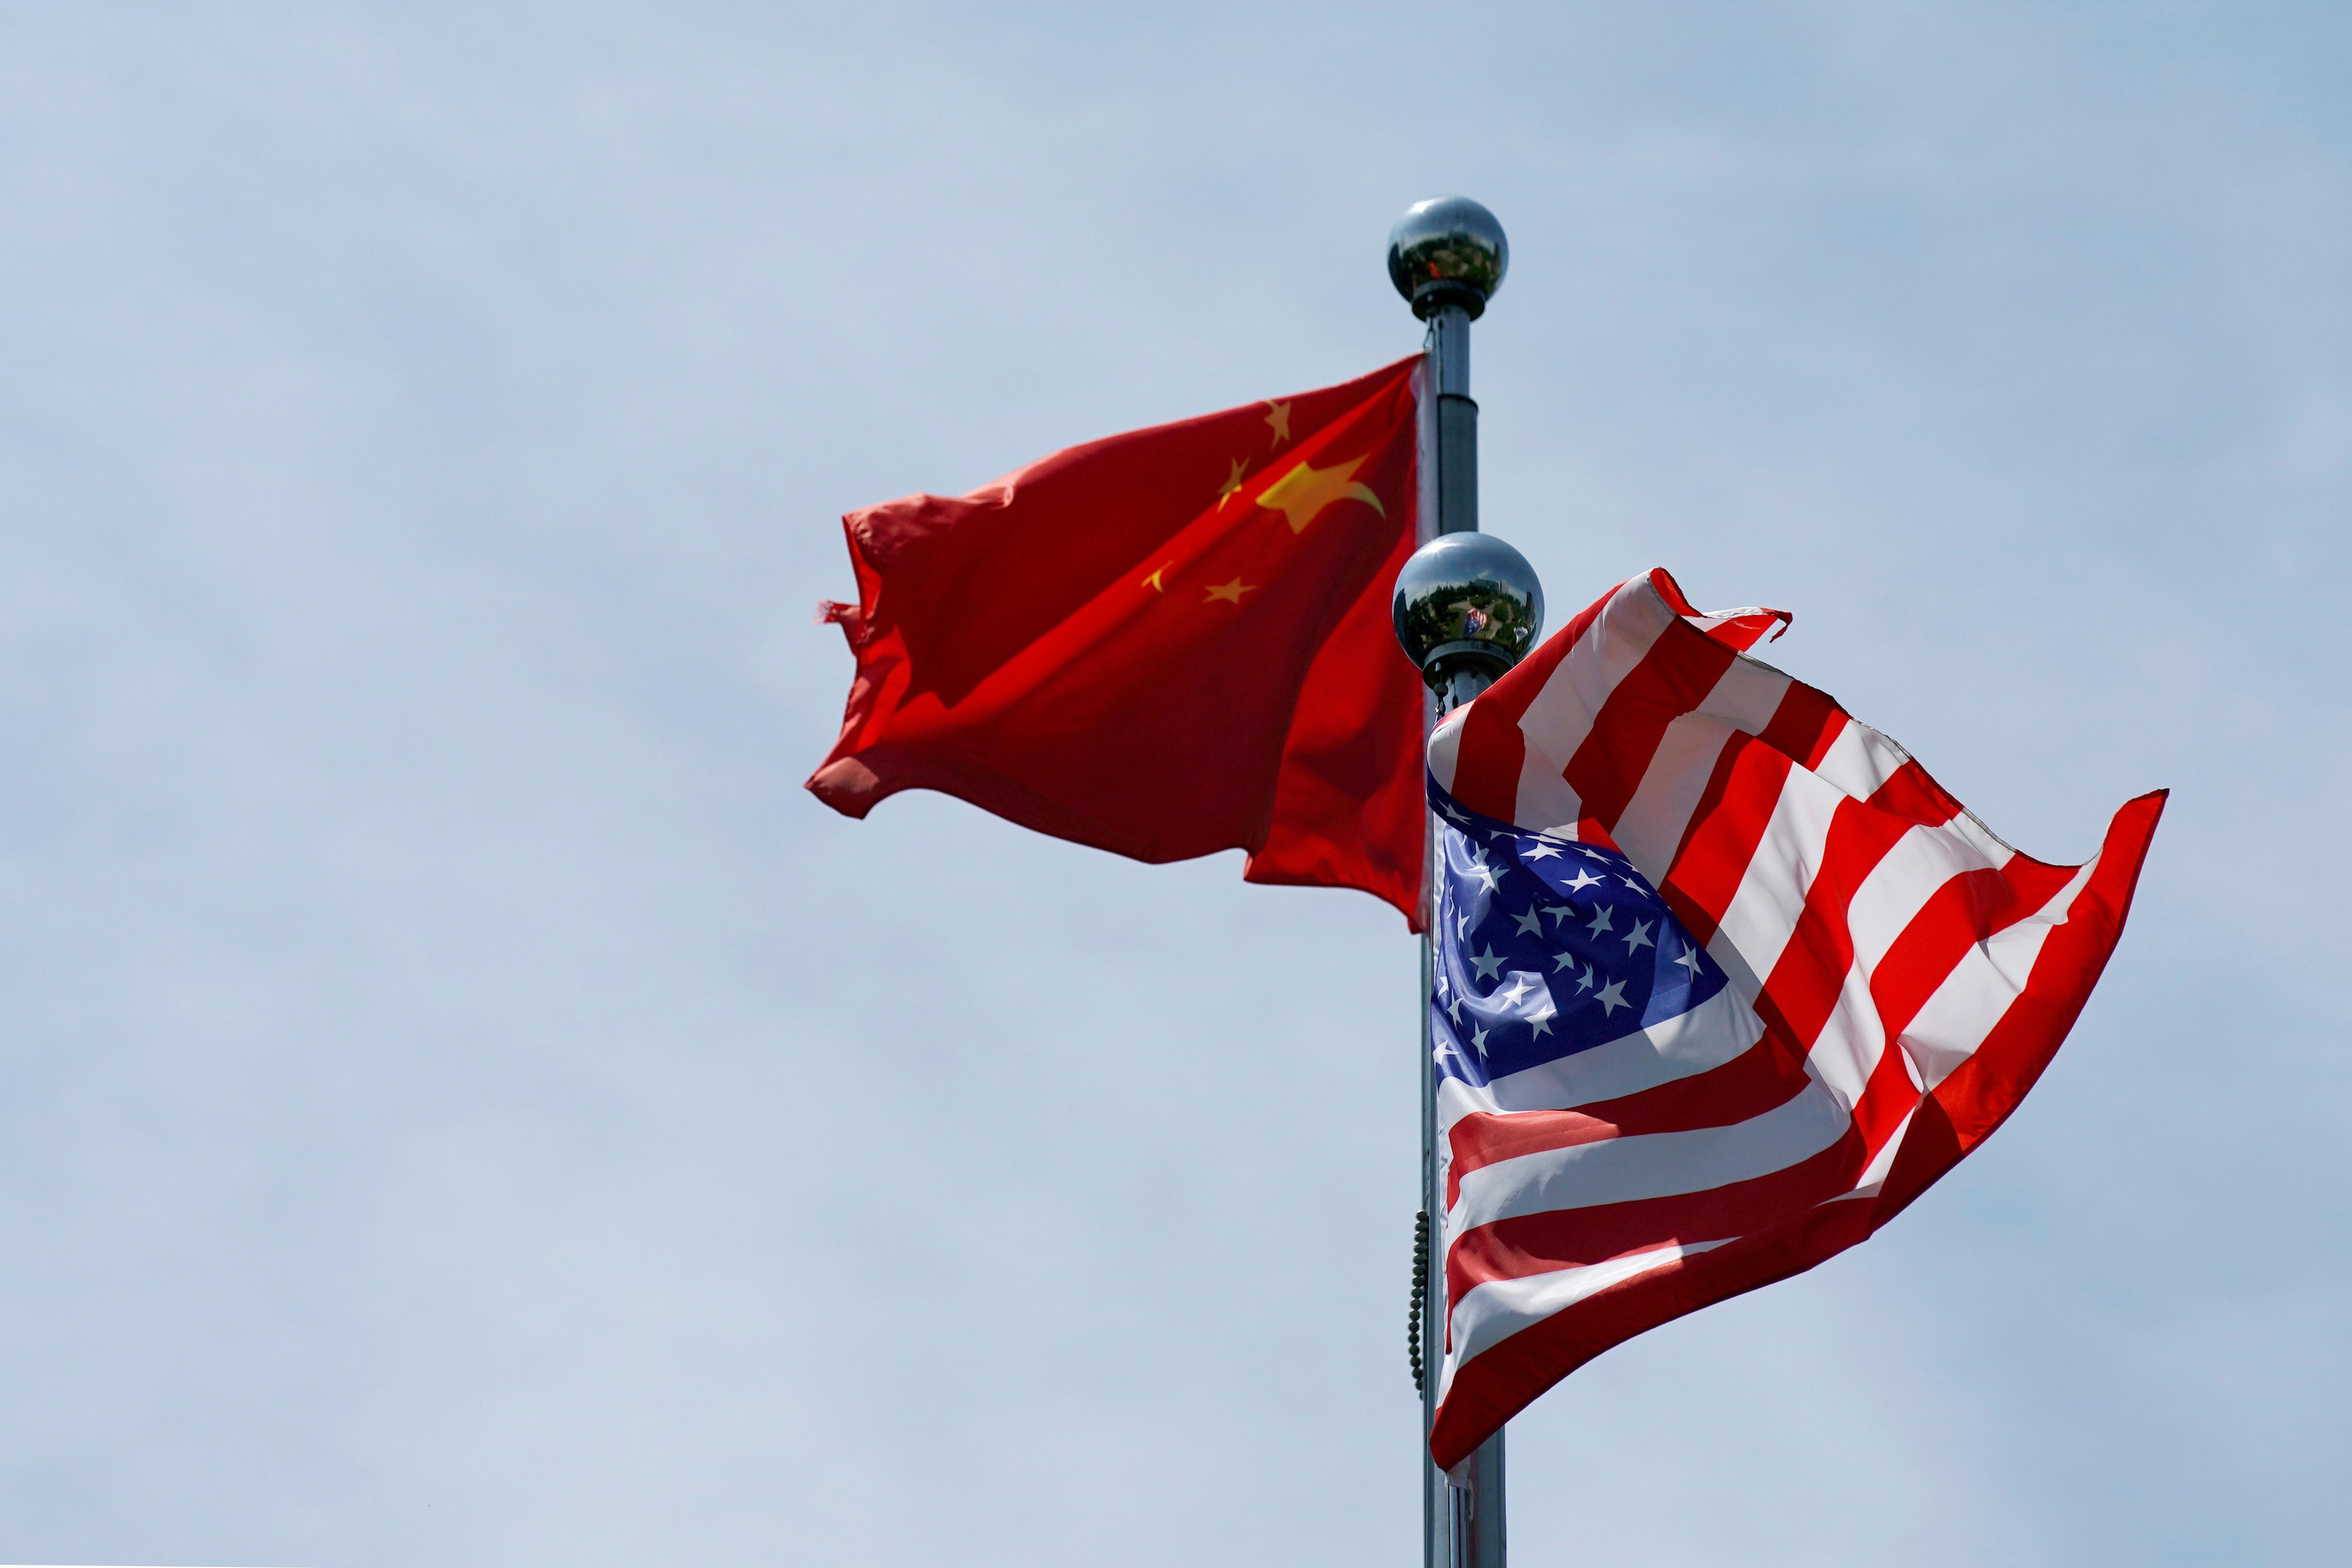 Les pays en développement, victimes collatérales de la guerre commerciale Chine-Etats-Unis